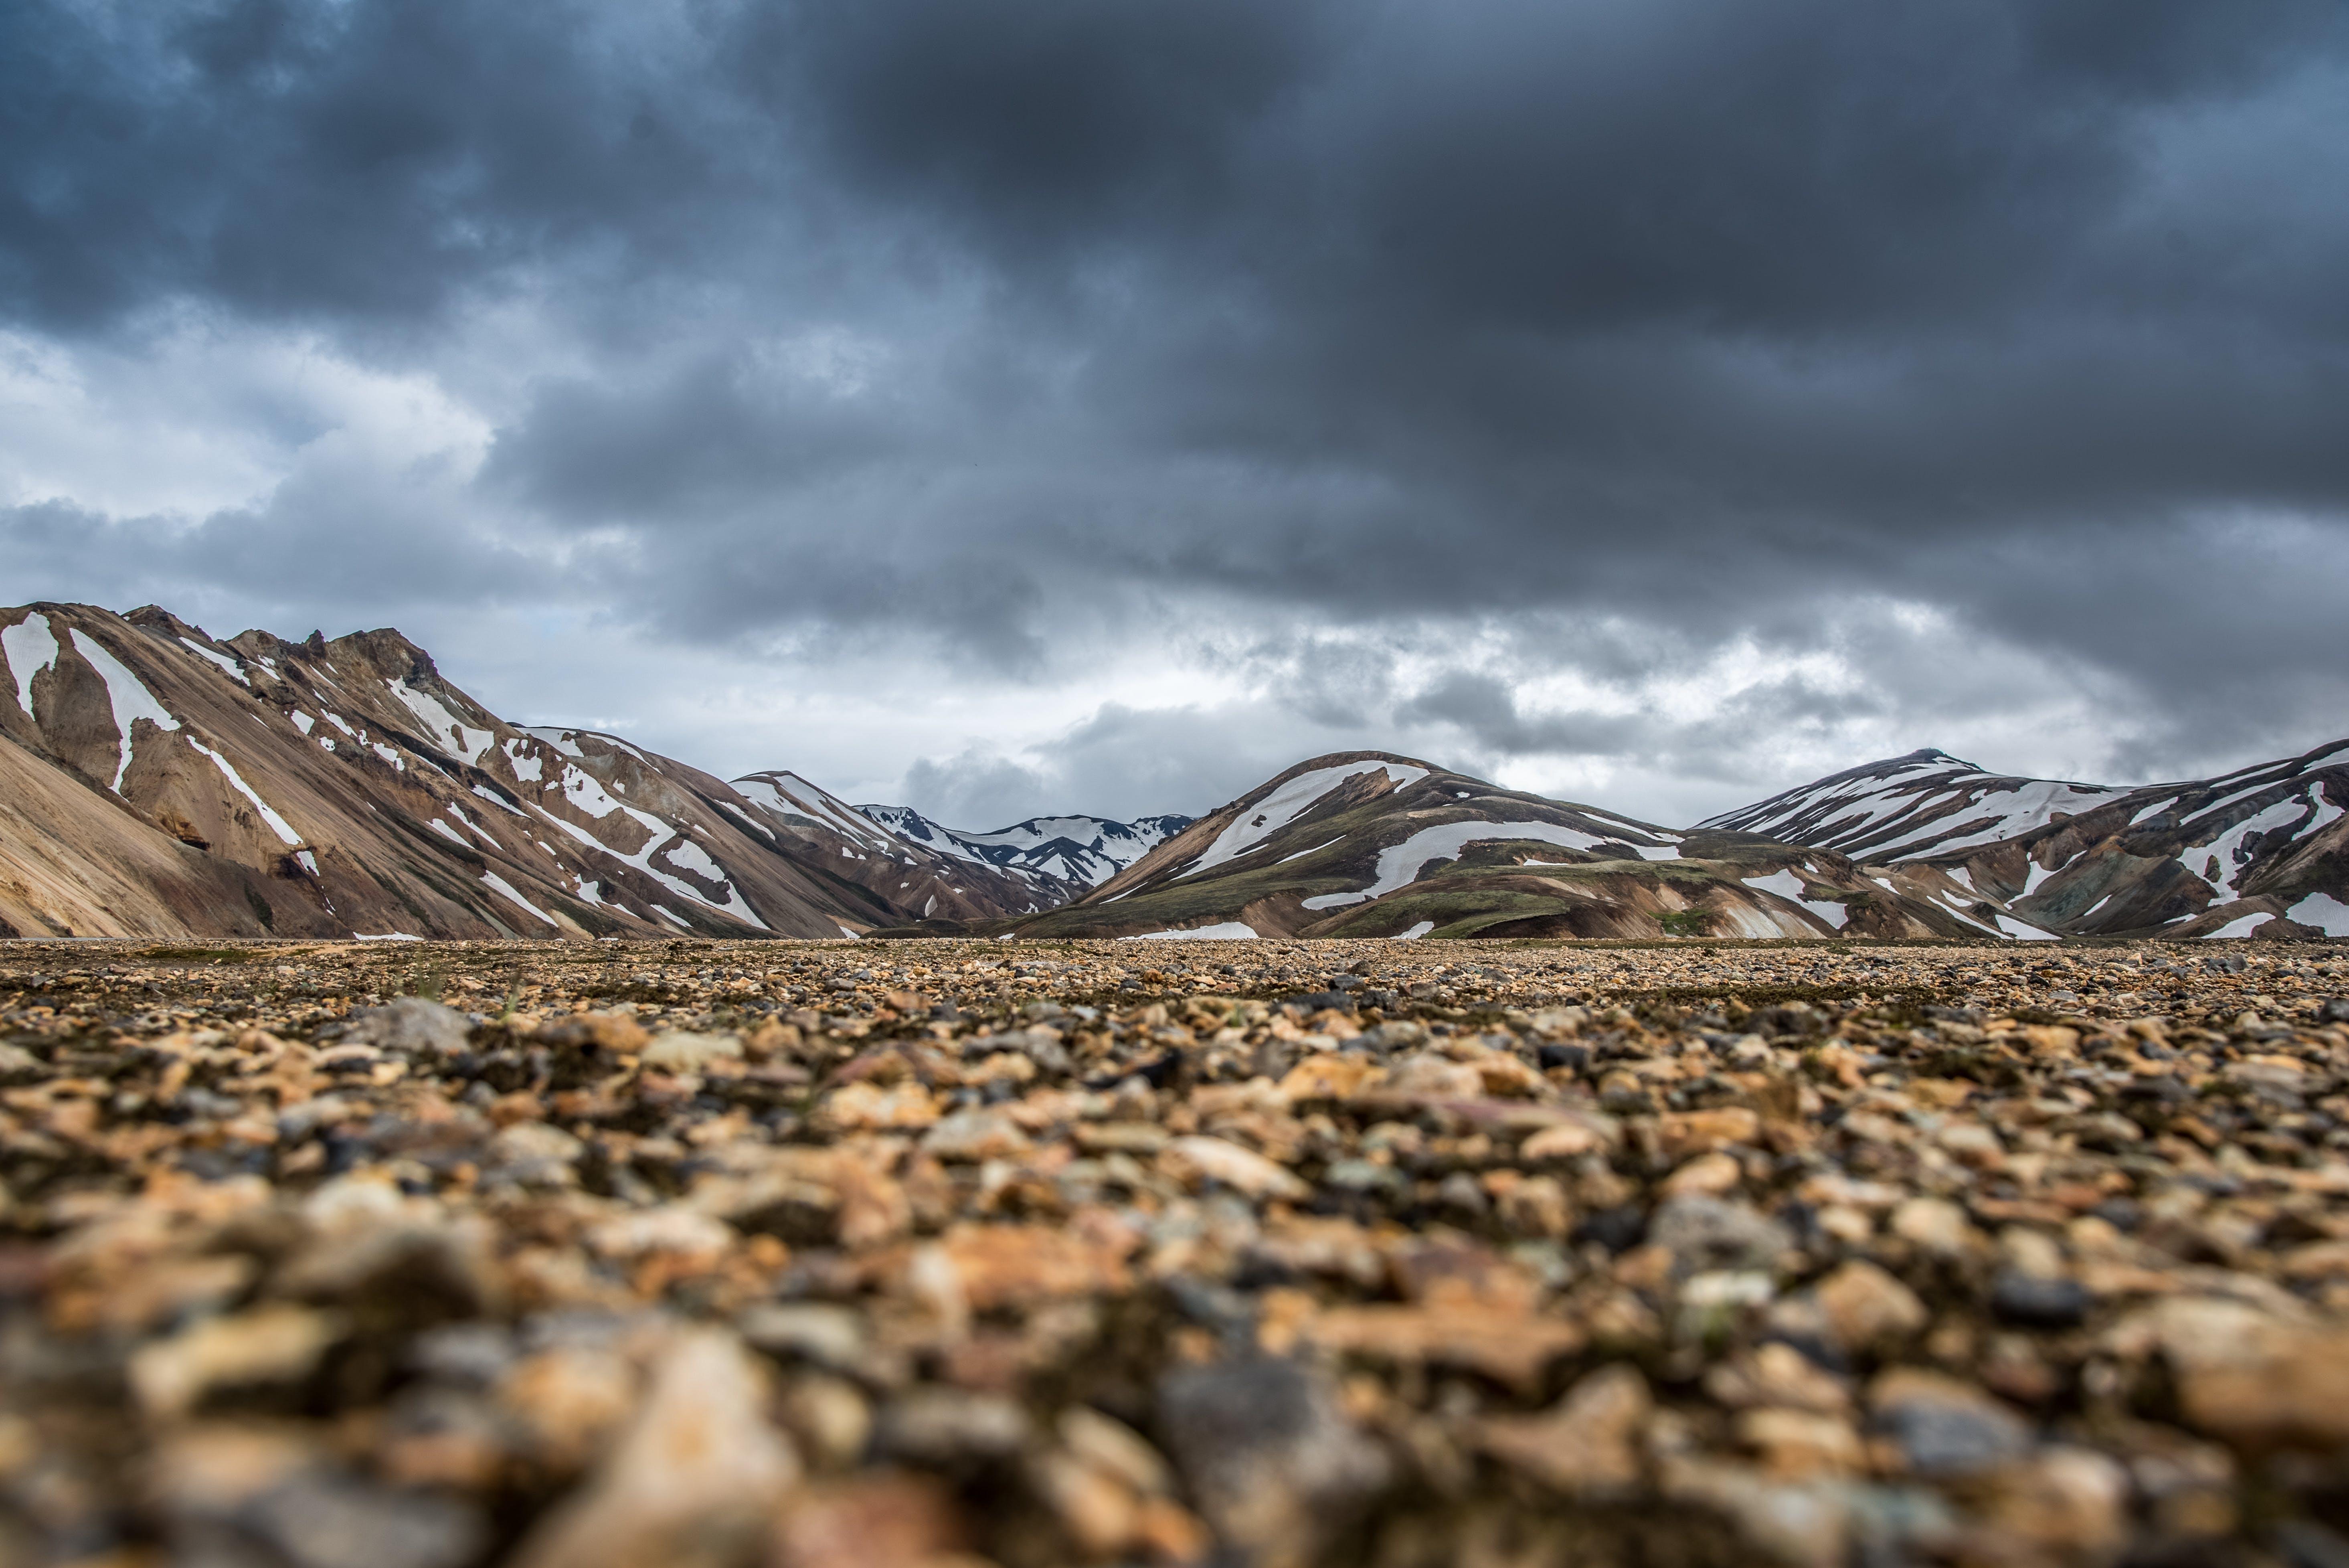 土, 天性, 天空, 岩石 的 免費圖庫相片